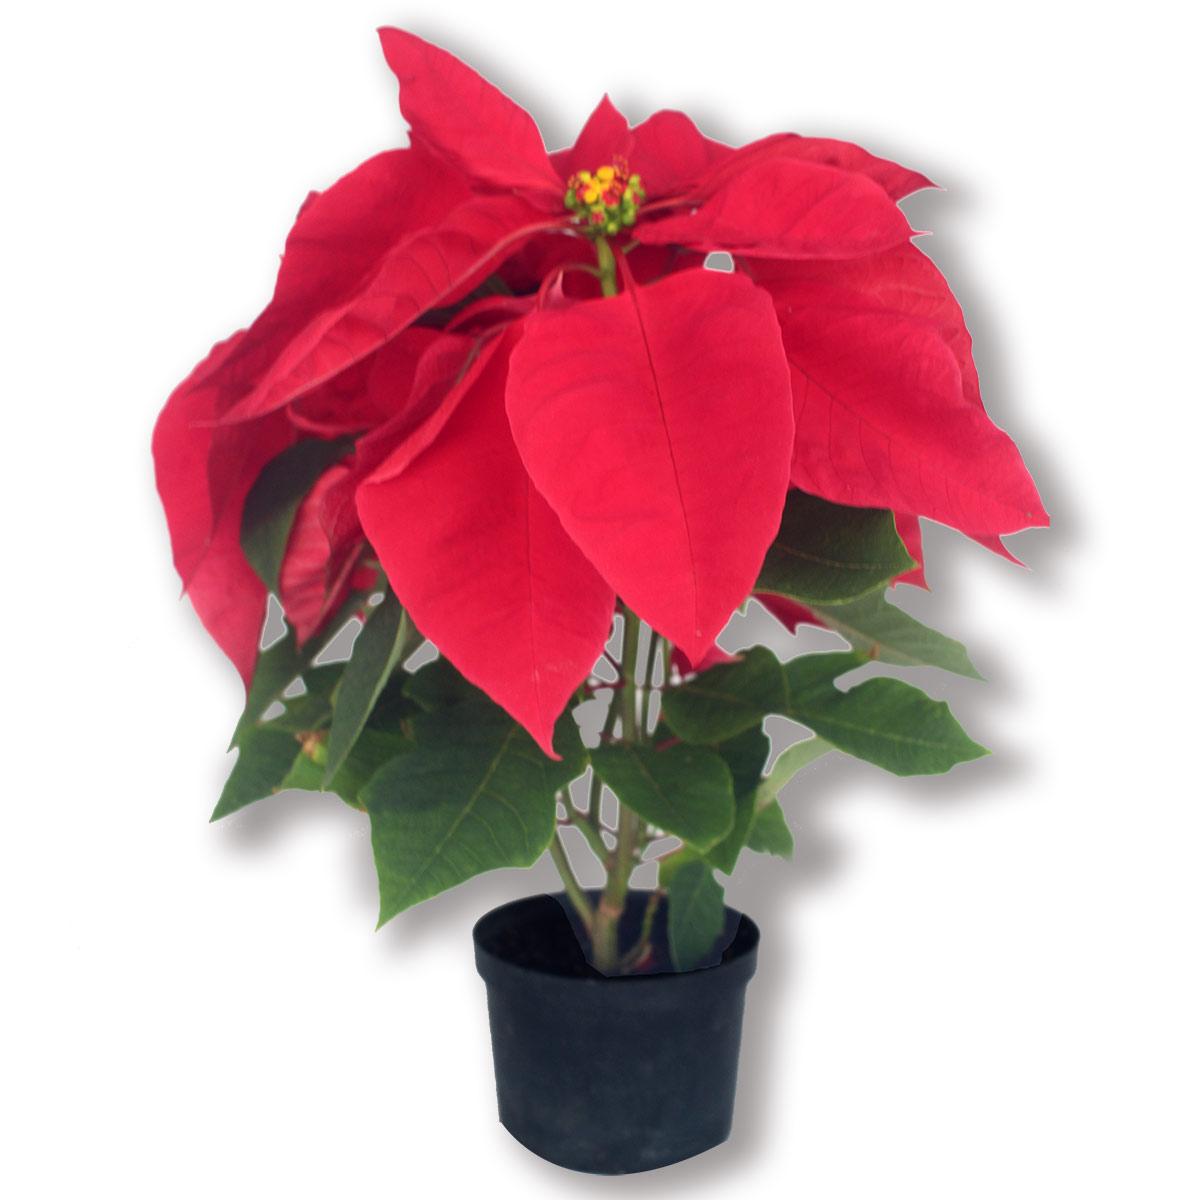 Flor de navidad, Poinsettias de color rojo tradicional